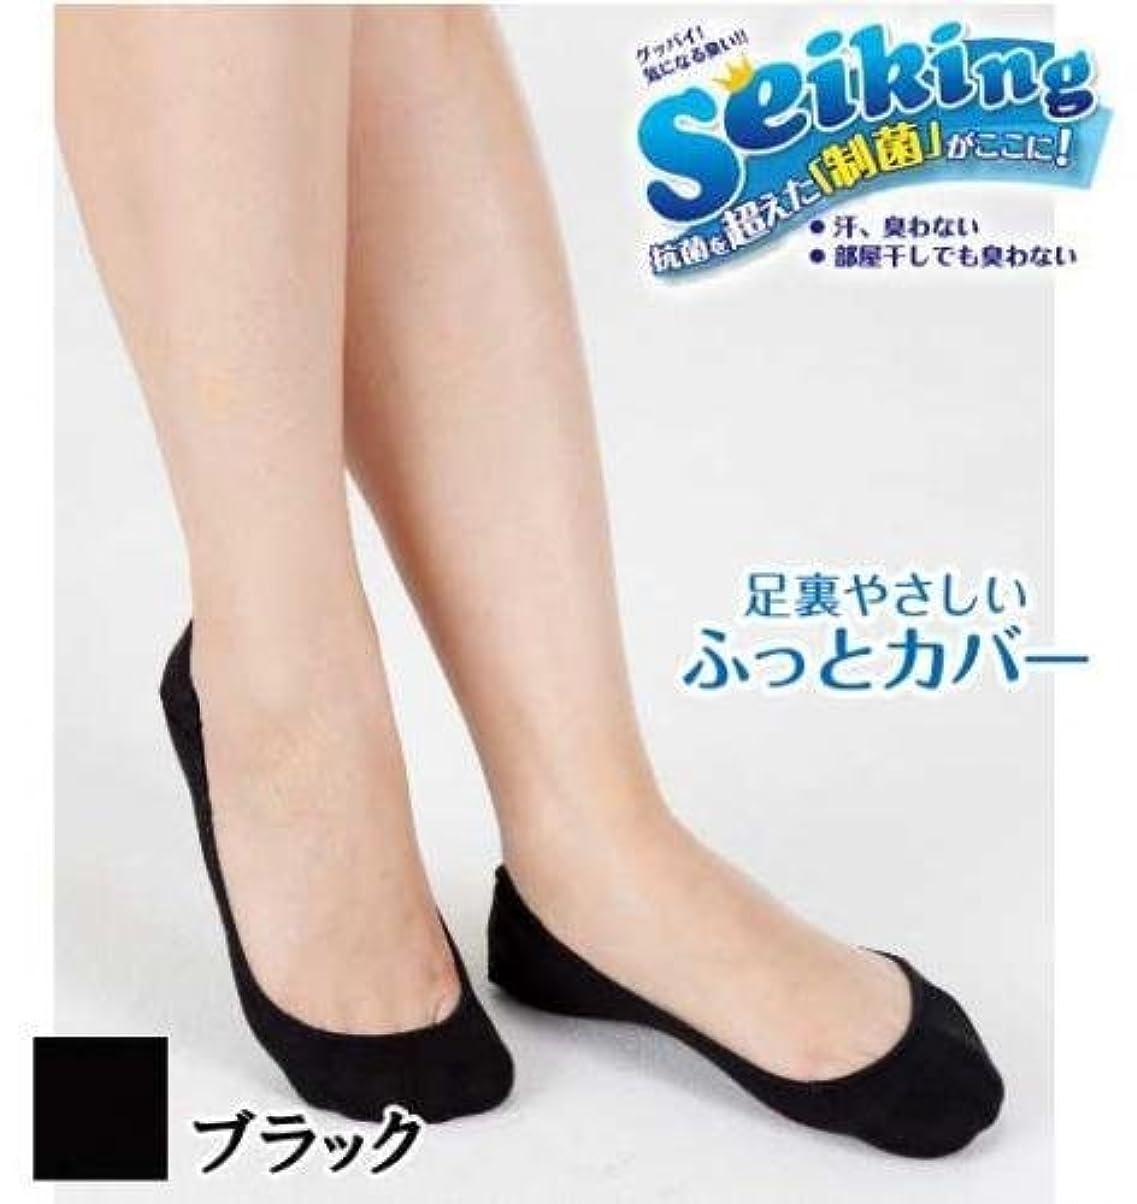 領域発生するハム砂山靴下 SEIKING フットカバー 黒